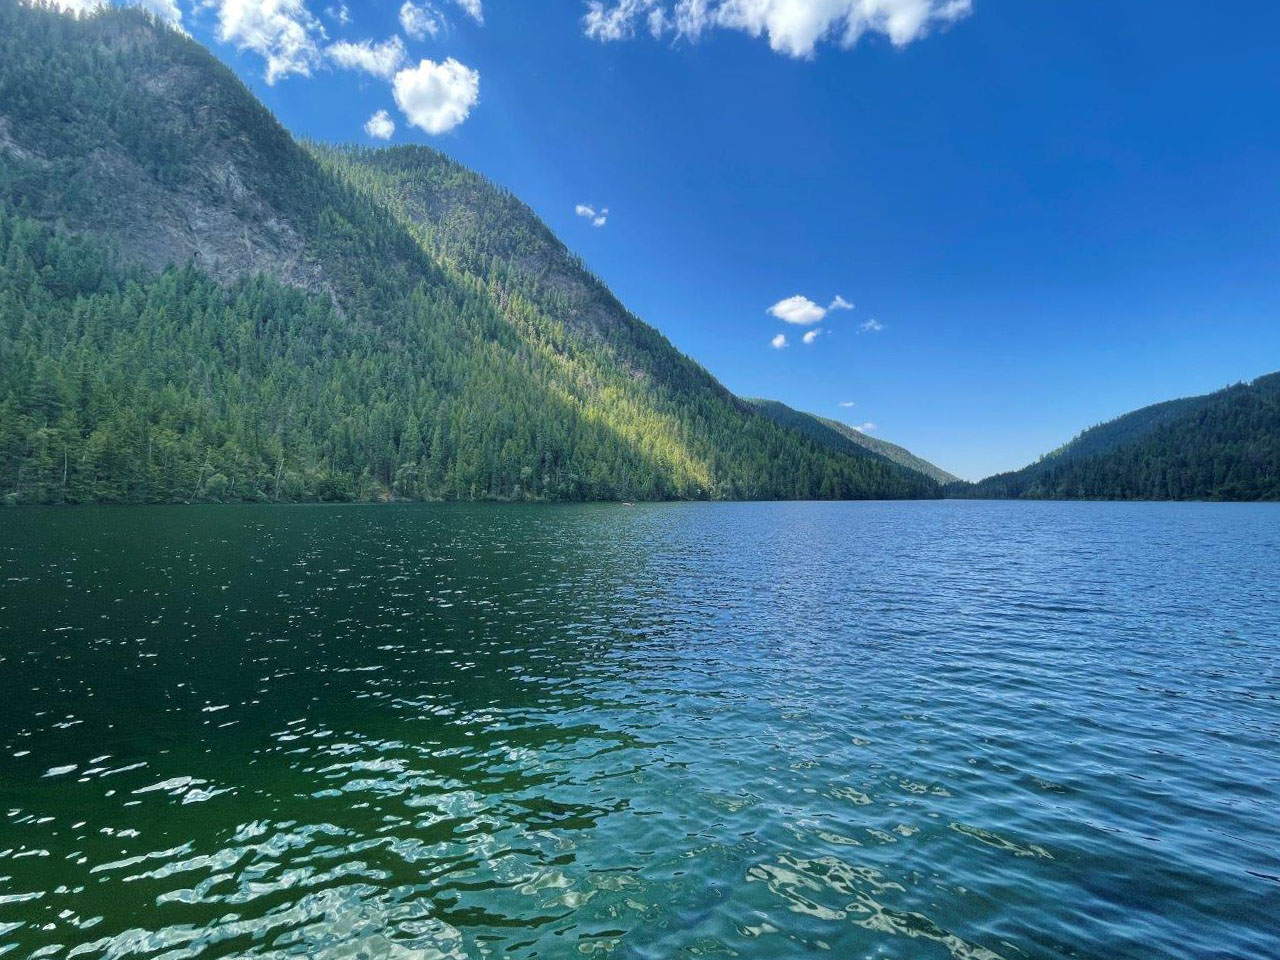 Echo lake resort 07